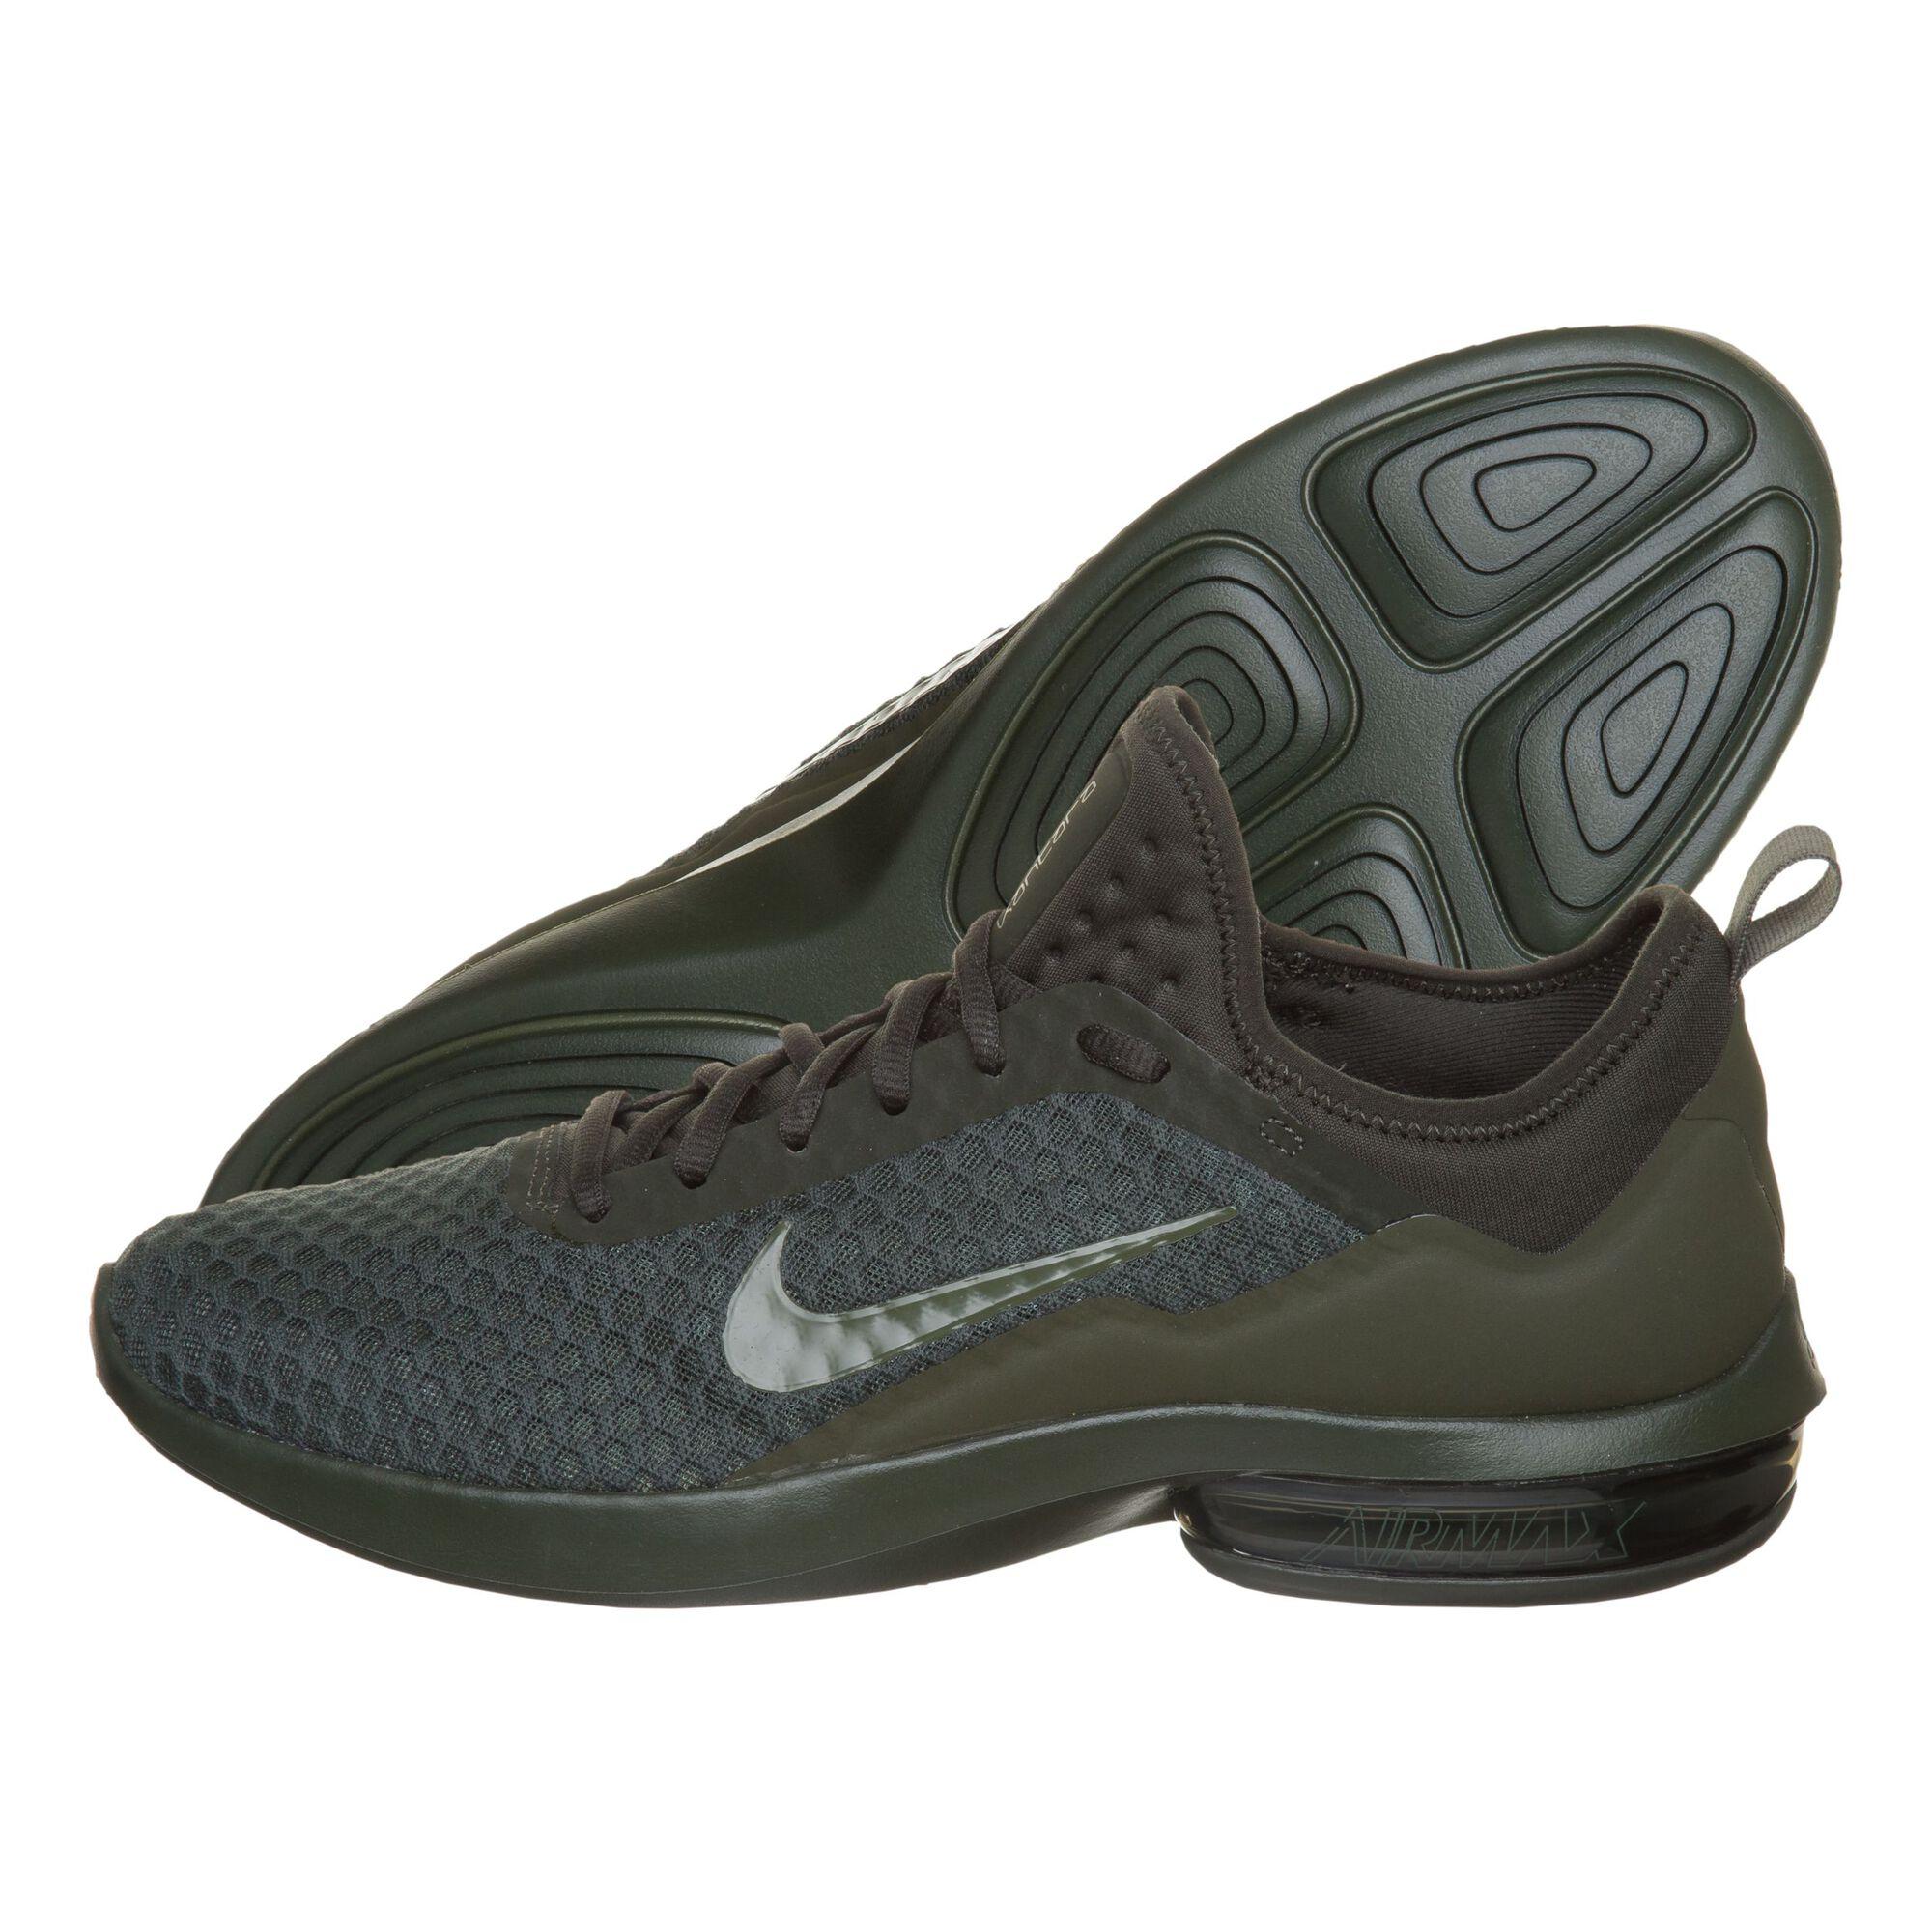 d46f18c1ae buy Nike Air Max Kantara Neutral Running Shoe Men - Khaki, Black ...